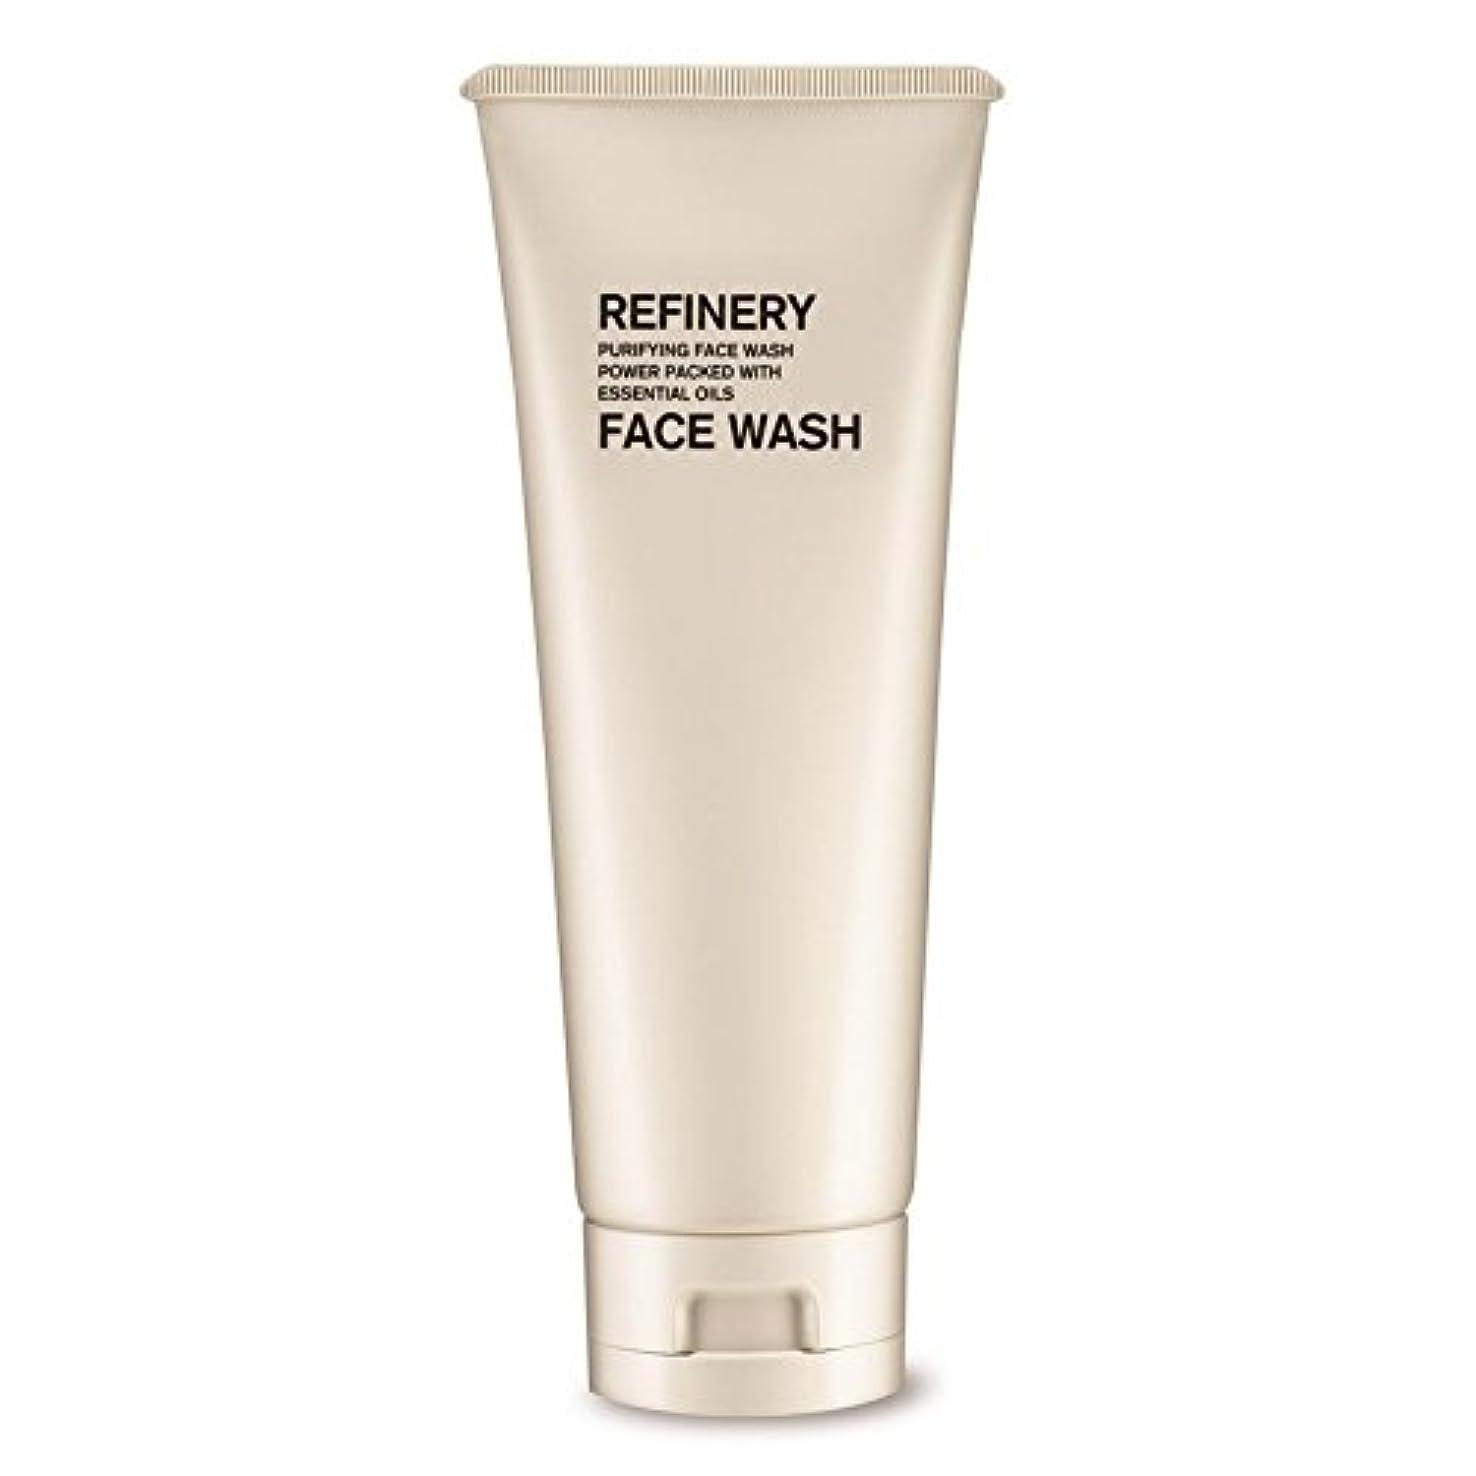 優雅ドラマ努力The Refinery Face Wash 100ml (Pack of 6) - 製油所洗顔の100ミリリットル x6 [並行輸入品]